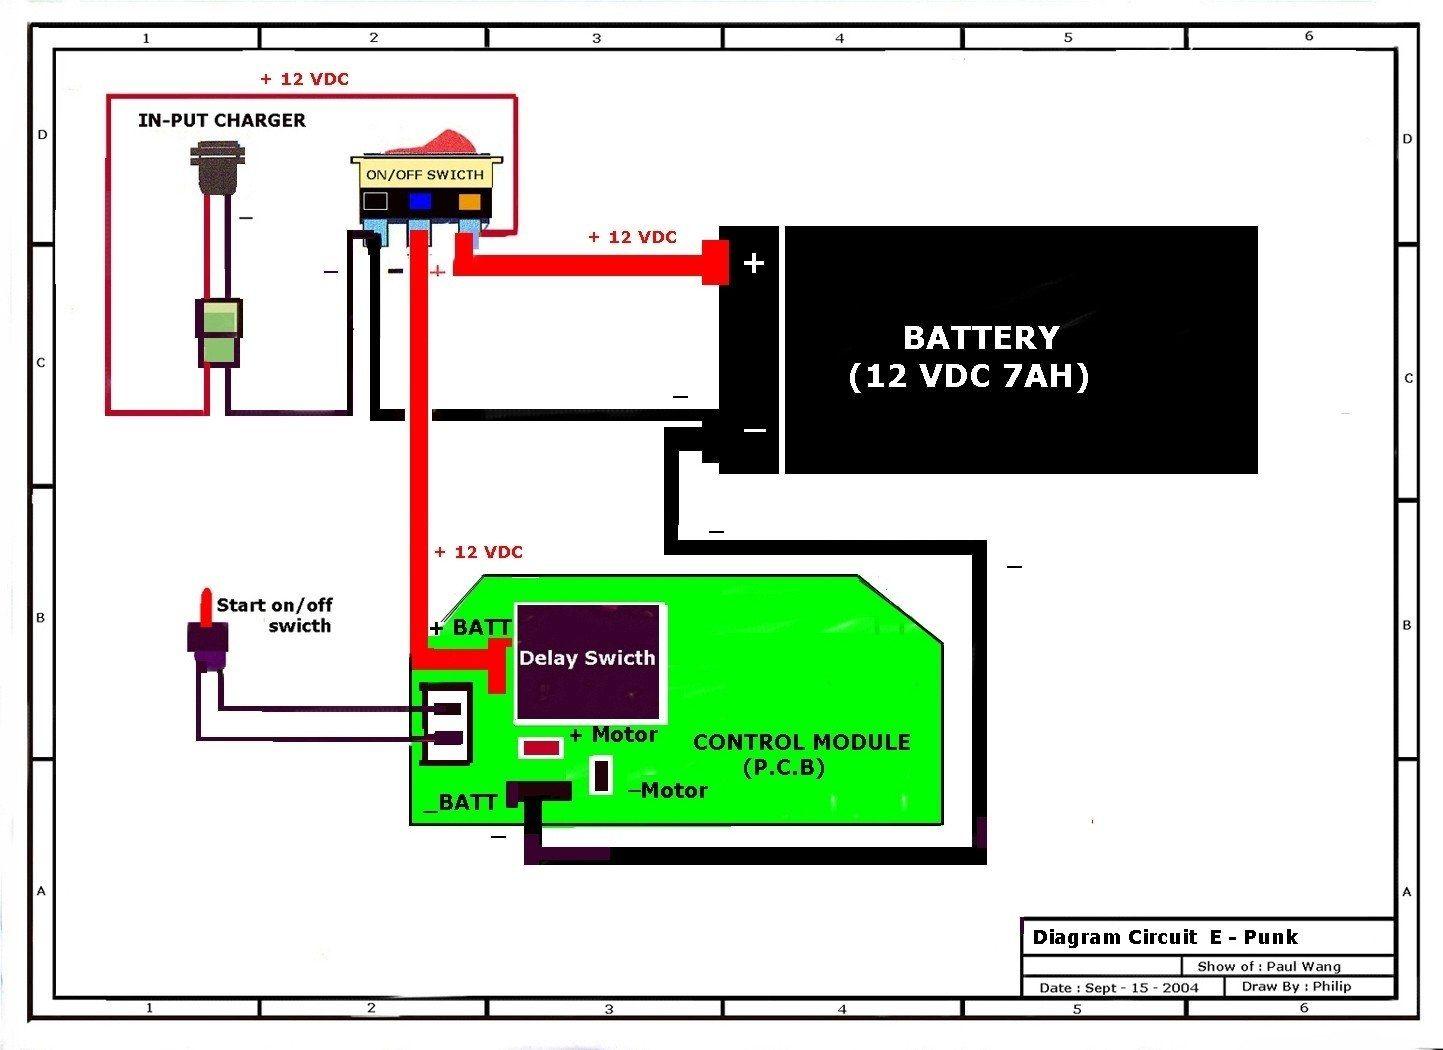 motorized bicycle wiring diagram wiring diagram image for motorized bicycle wiring diagram [ 1443 x 1050 Pixel ]